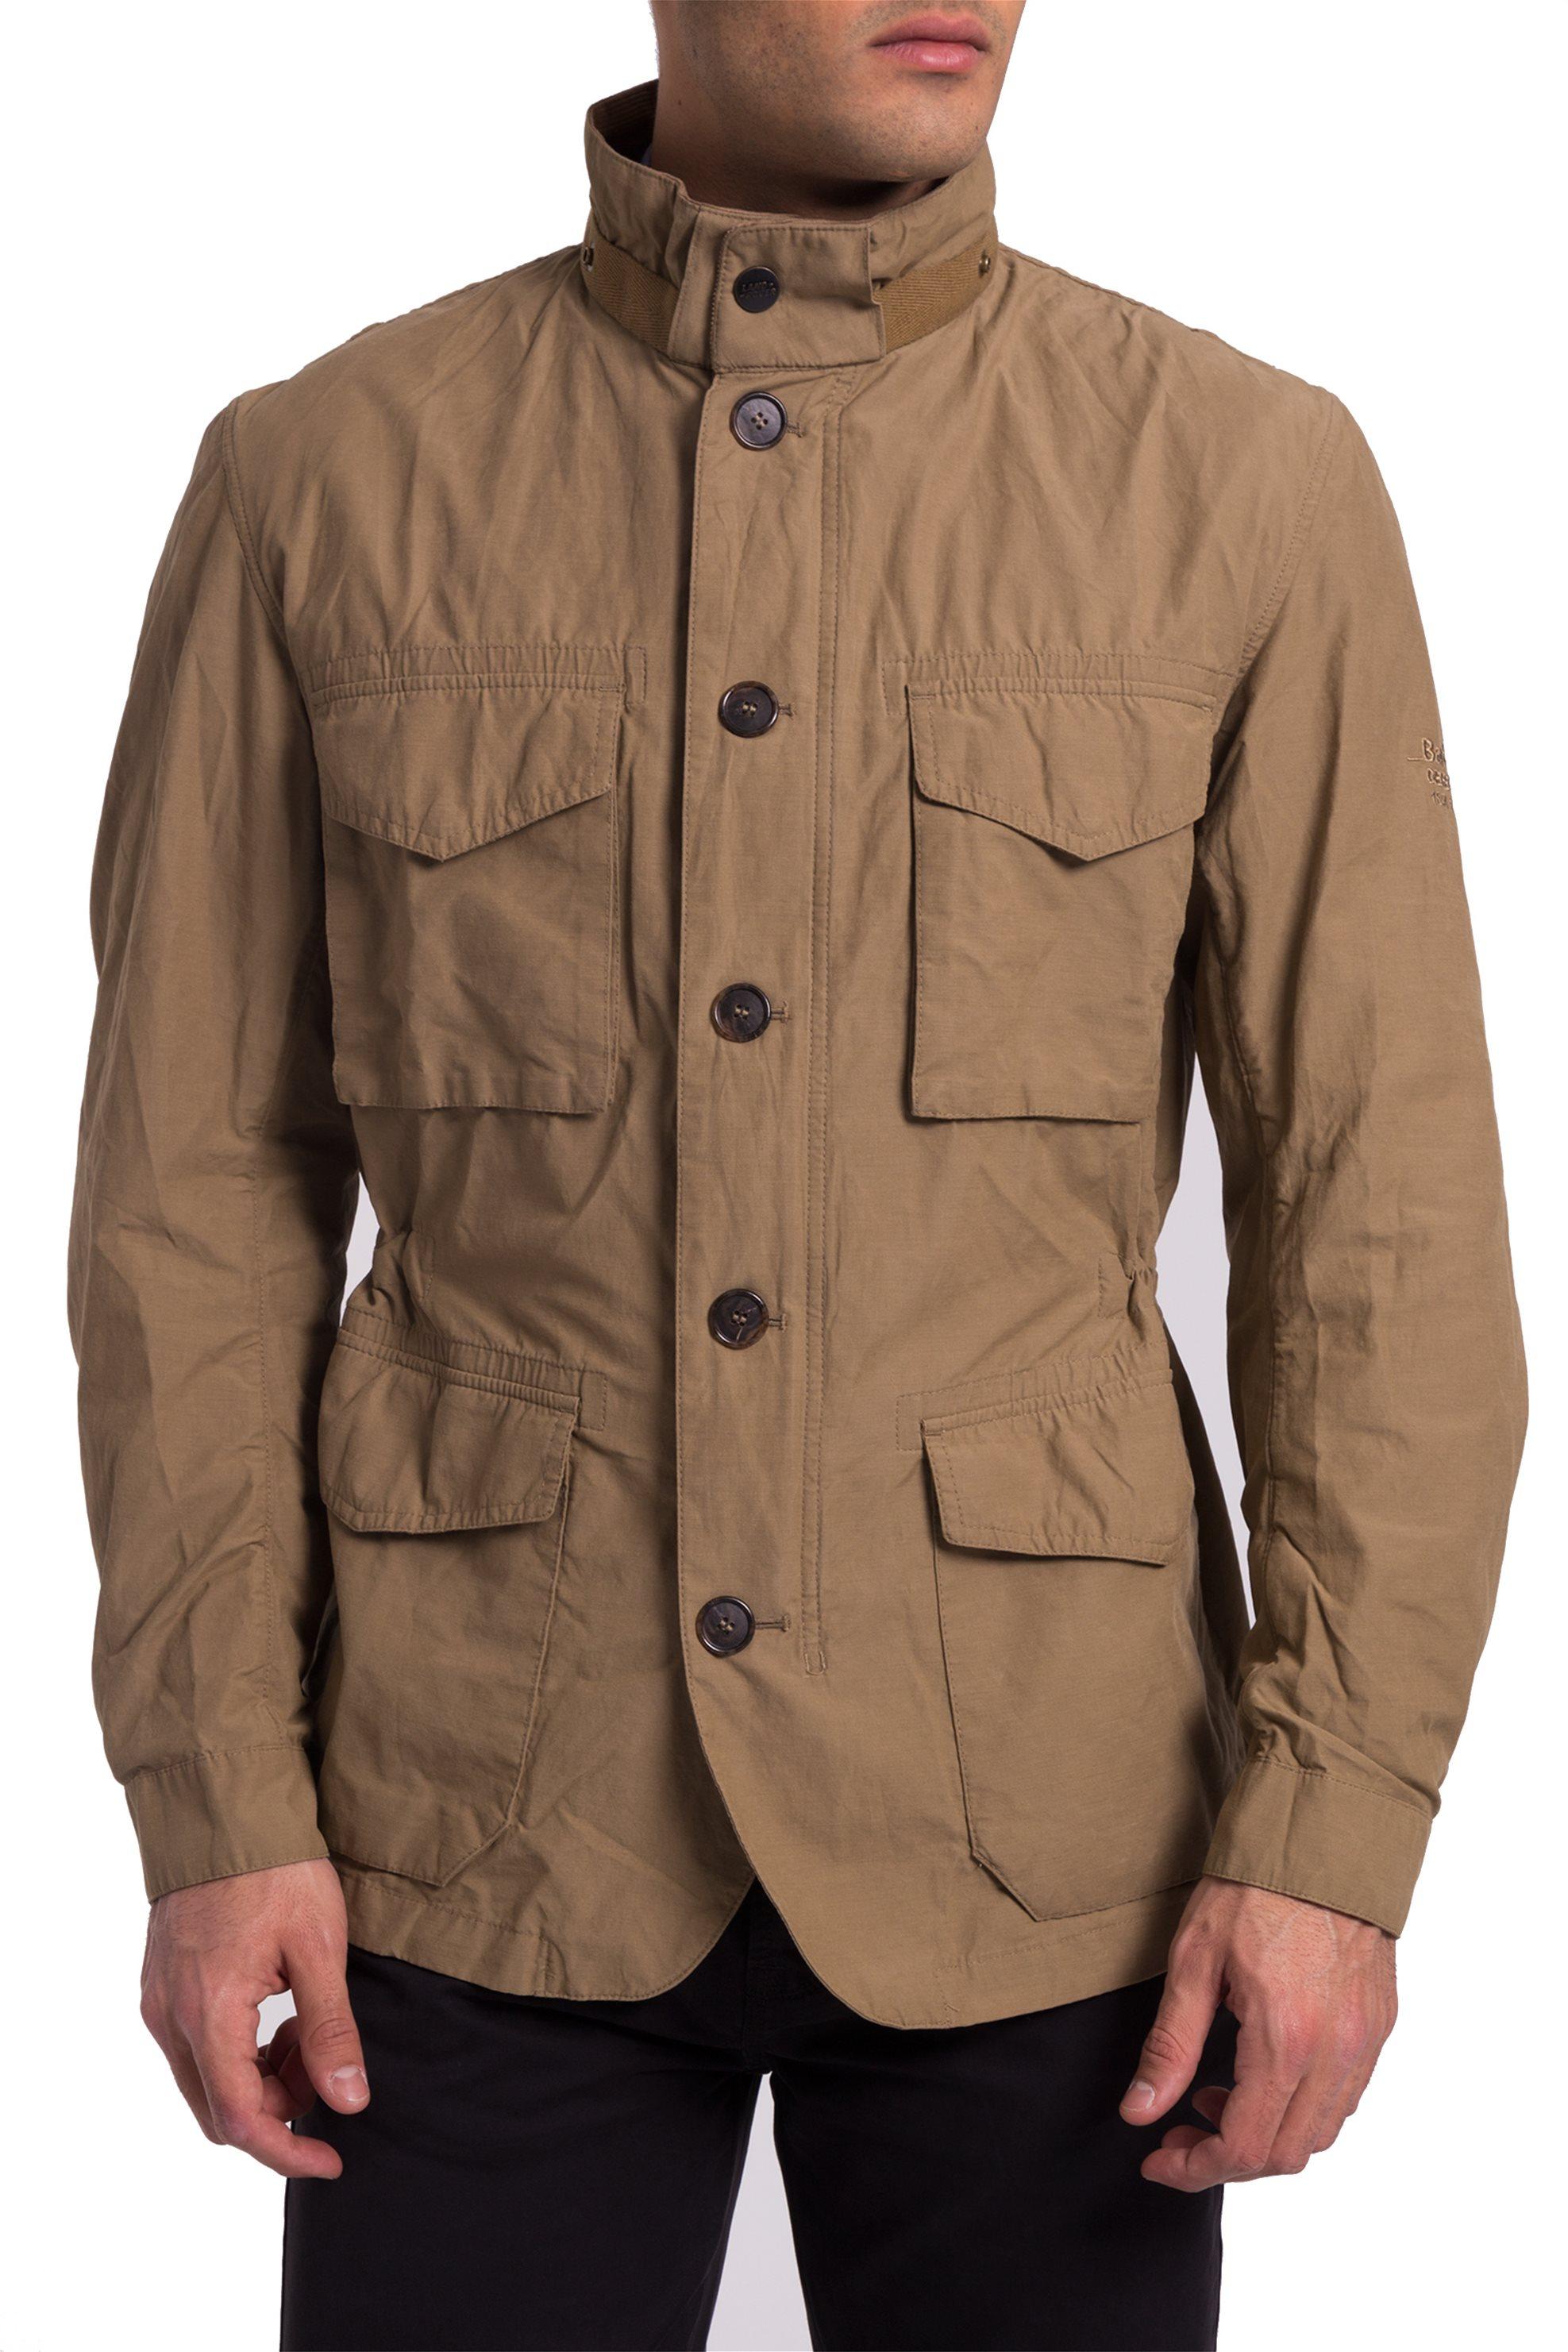 Ανδρικό μπουφάν Barbour - MCA0494 - Καφέ ανδρασ   ρουχα   παλτό   μπουφάν   μπουφάν